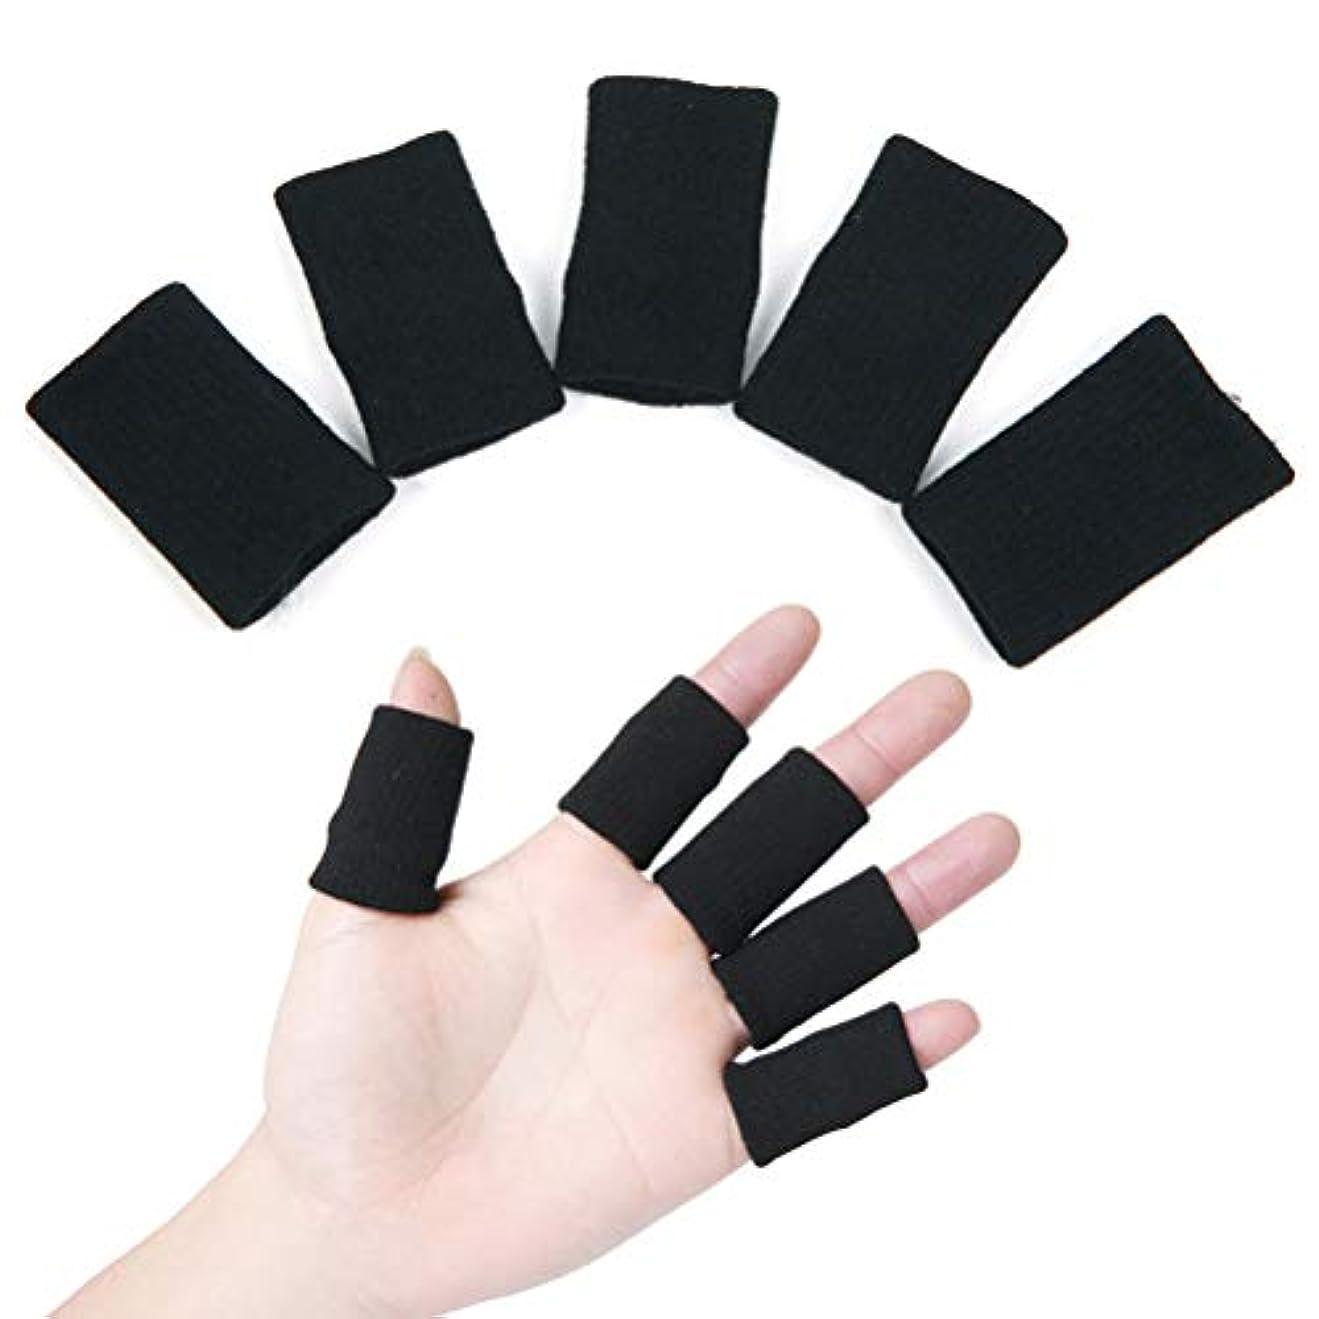 責任者ええ病SUPVOX つま先キャップ シリコーン 手指&足指保護キャップ 指サポーター 突き指?バネ指?腱鞘炎に スポーツバスケ用 怪我防止 保温 ナイロン製 10個入 ブラック